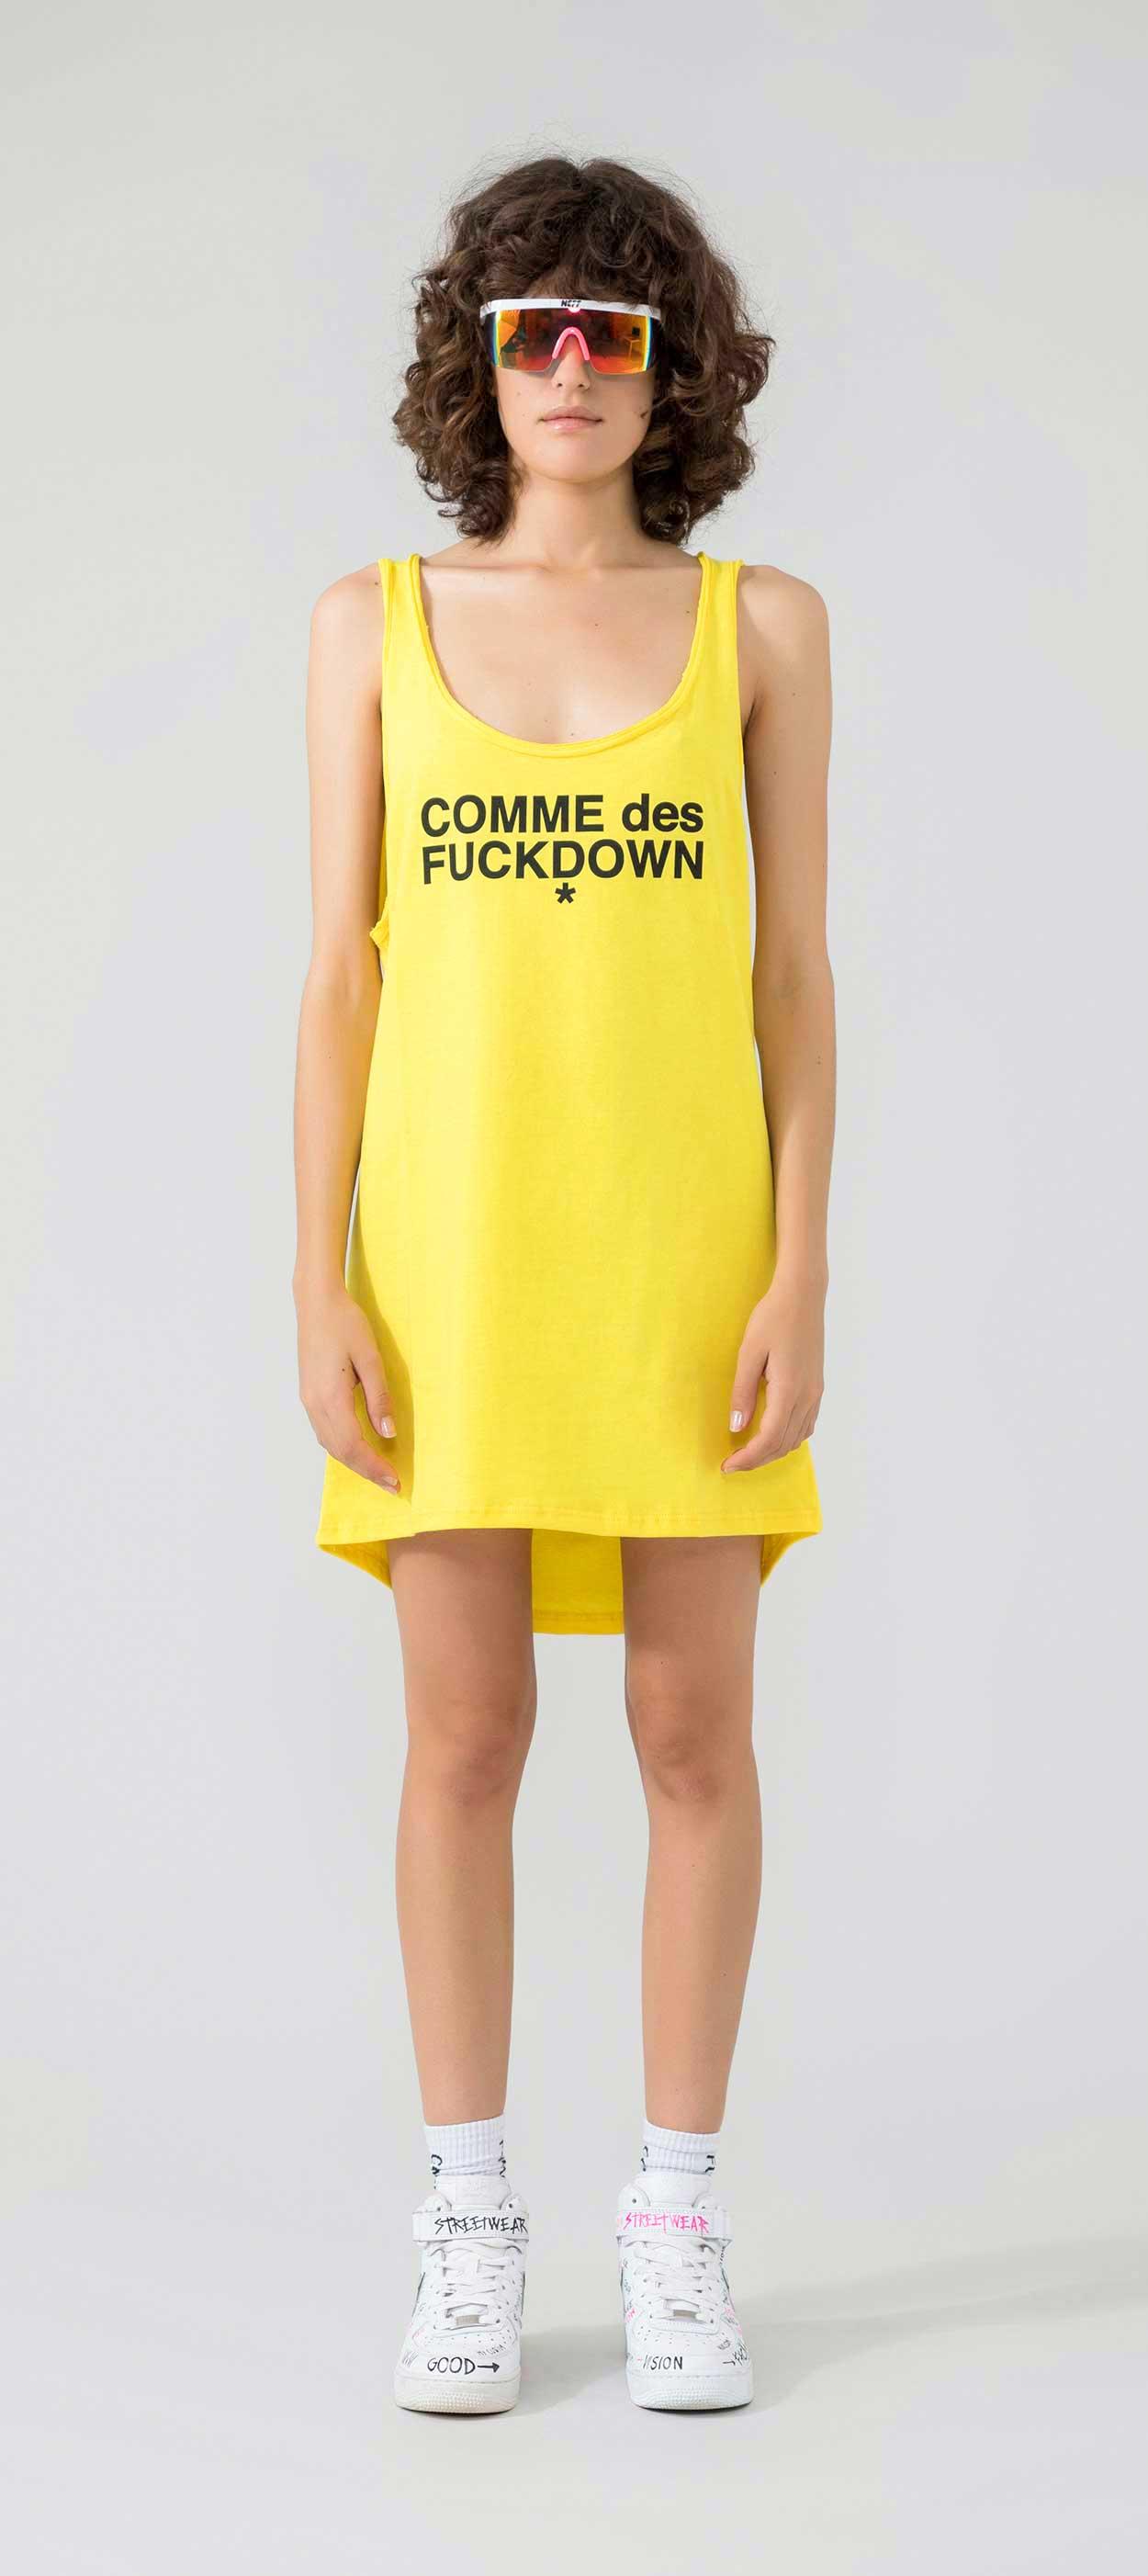 DRESS - CDFD915 - COMME DES FKDOWN